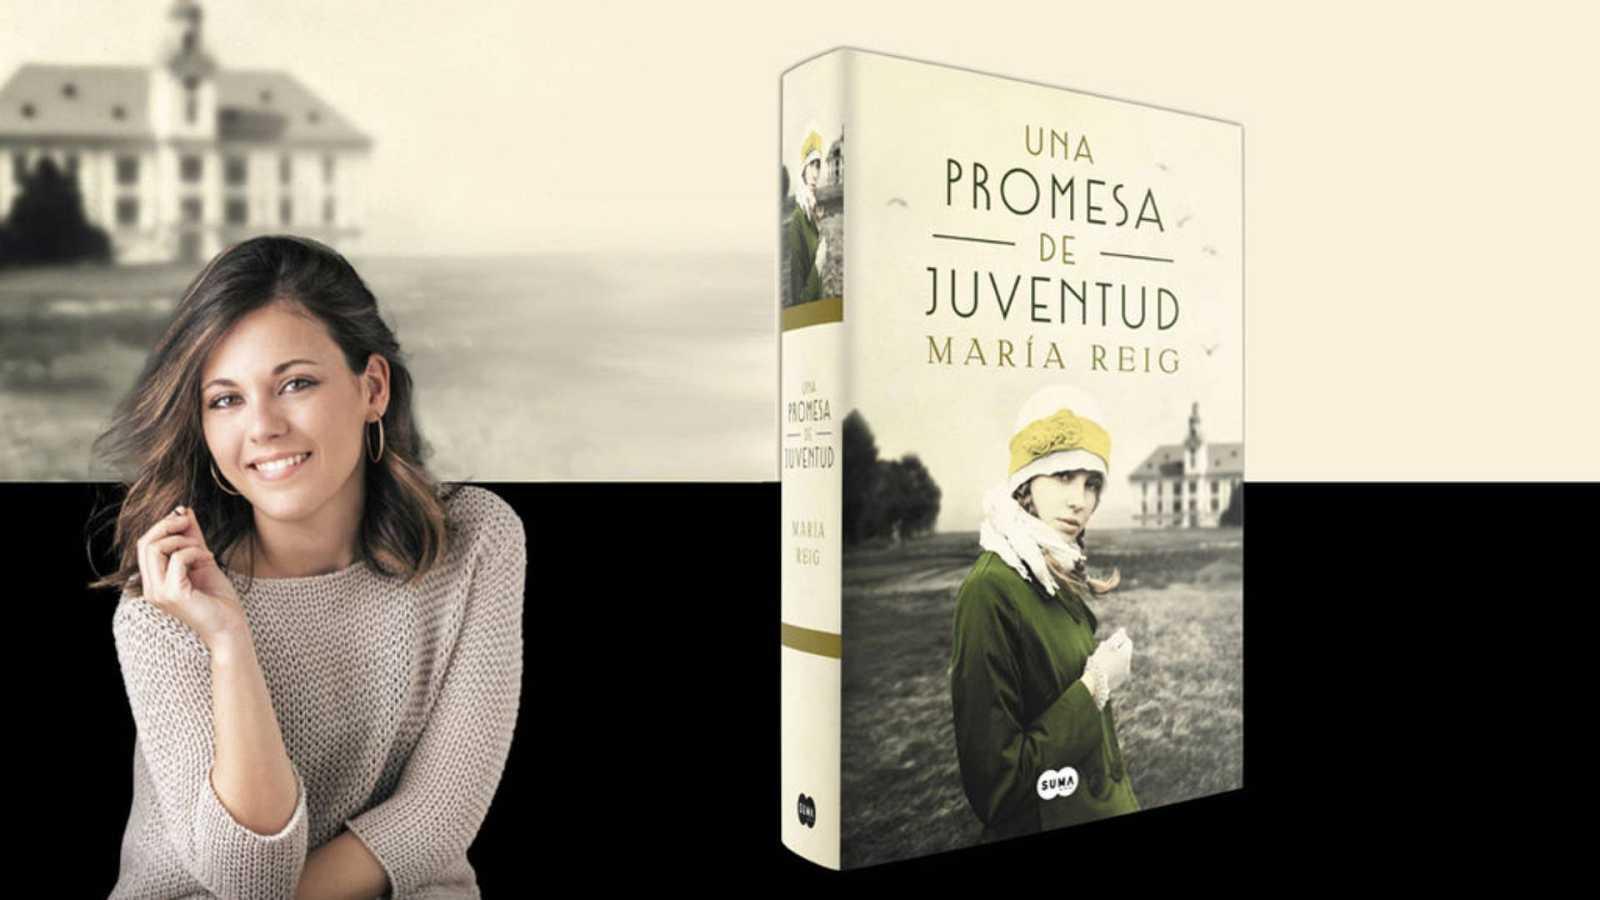 Otros acentos -  'Una promesa de juventud' el regreso de María Reig - 04/10/20 - Escuchar ahora